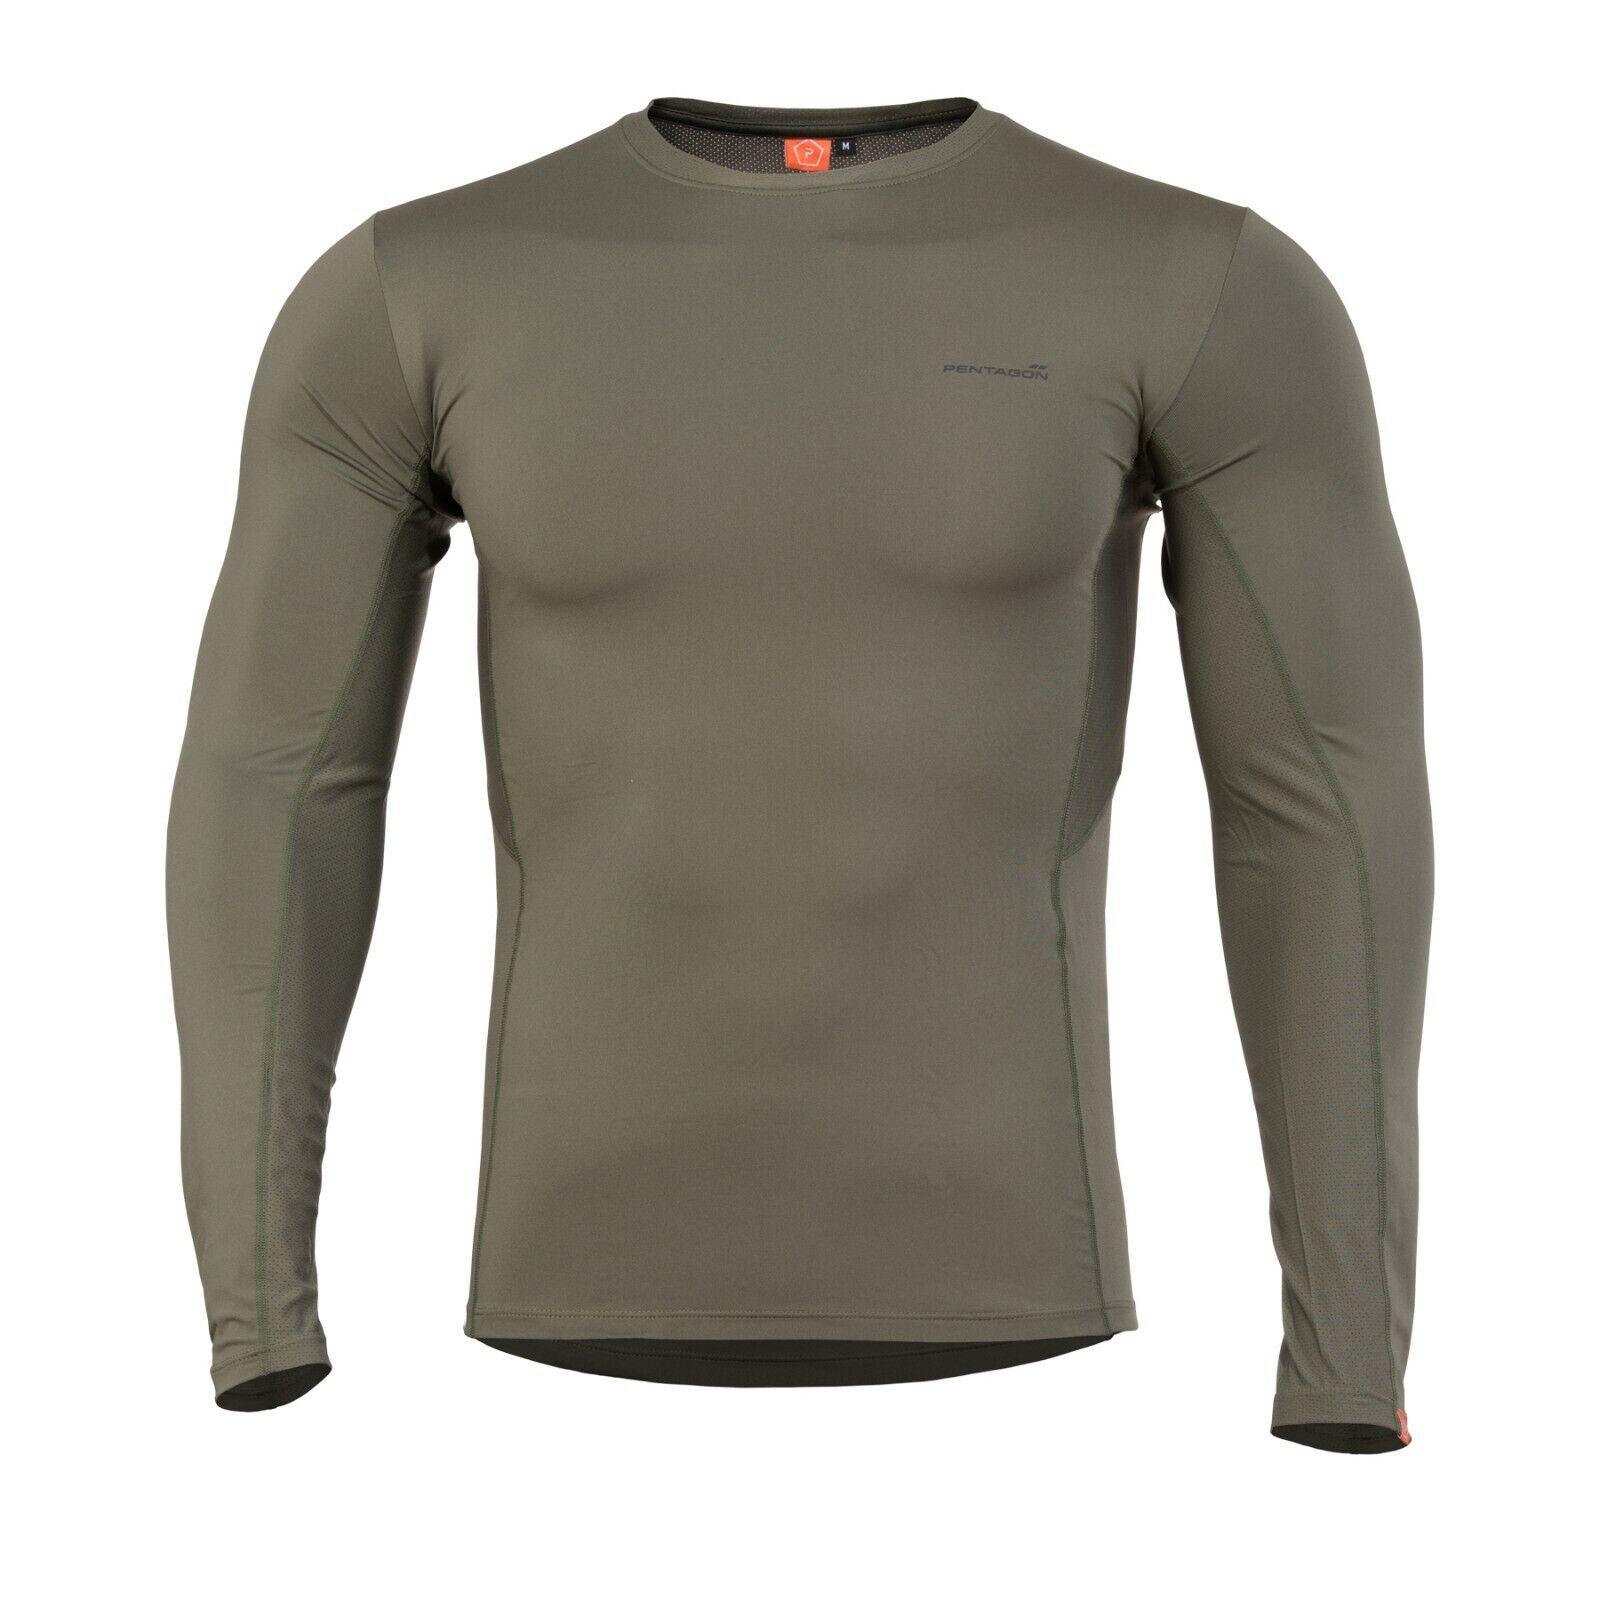 Pentagon Trikot T-Shirt Herren Herren Herren Shirt Sport Training Apollo Activity  | Mode-Muster  986025